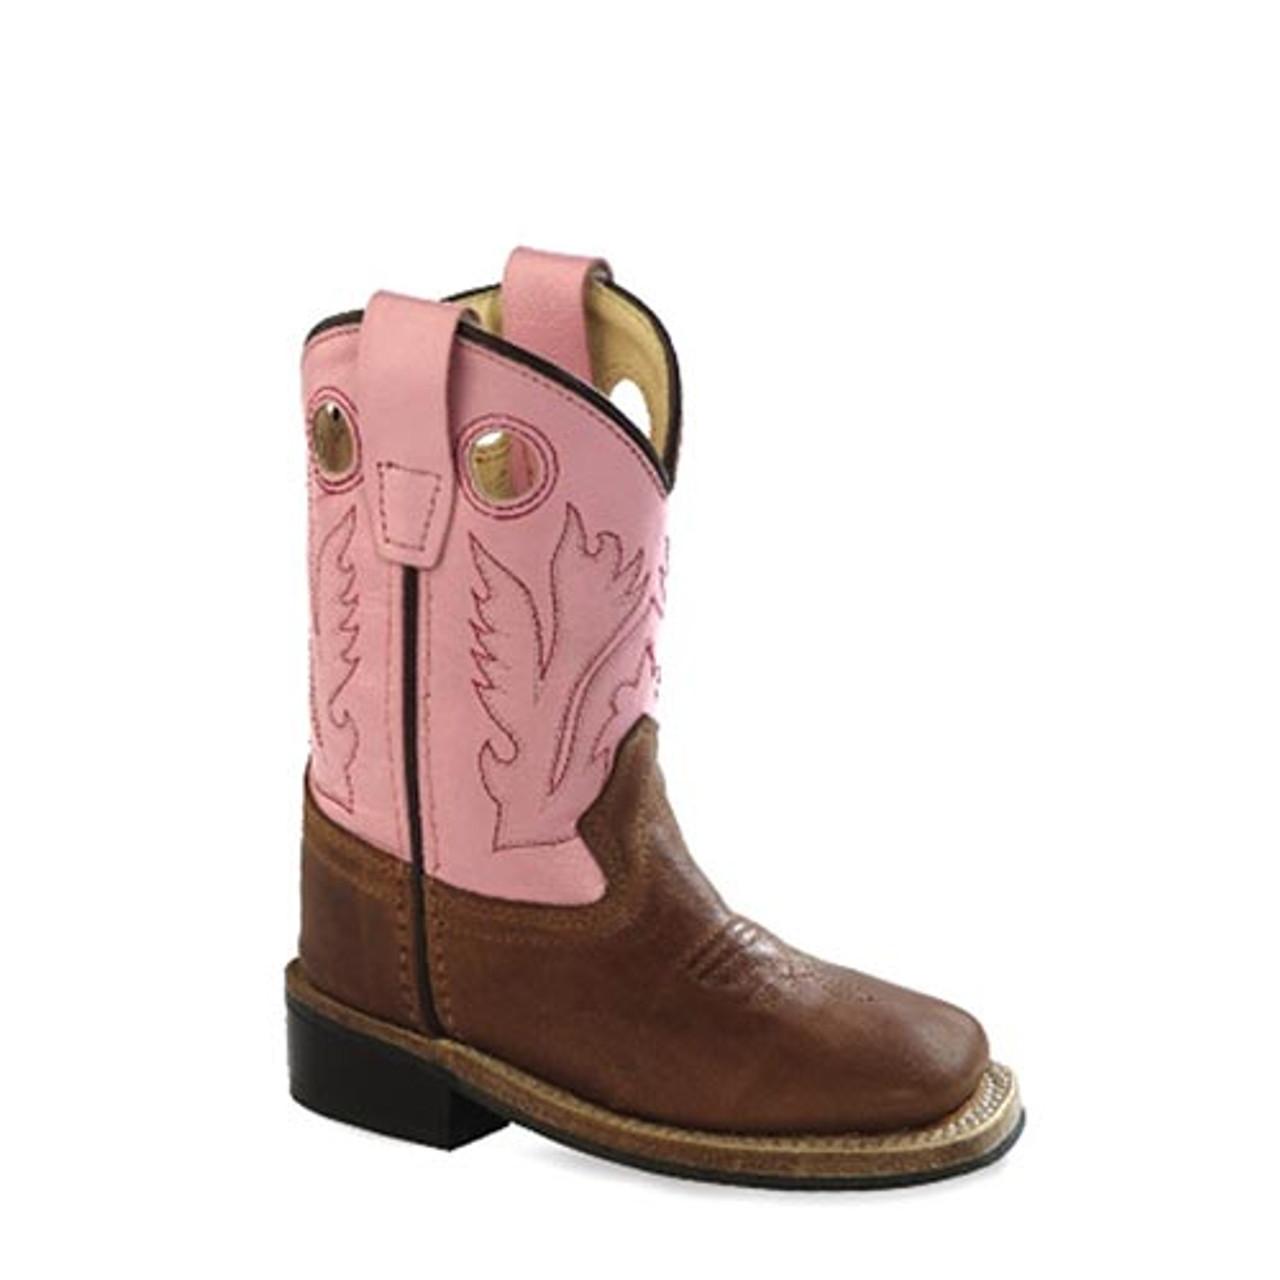 Jama Old West - Toddler - Girls' Pink